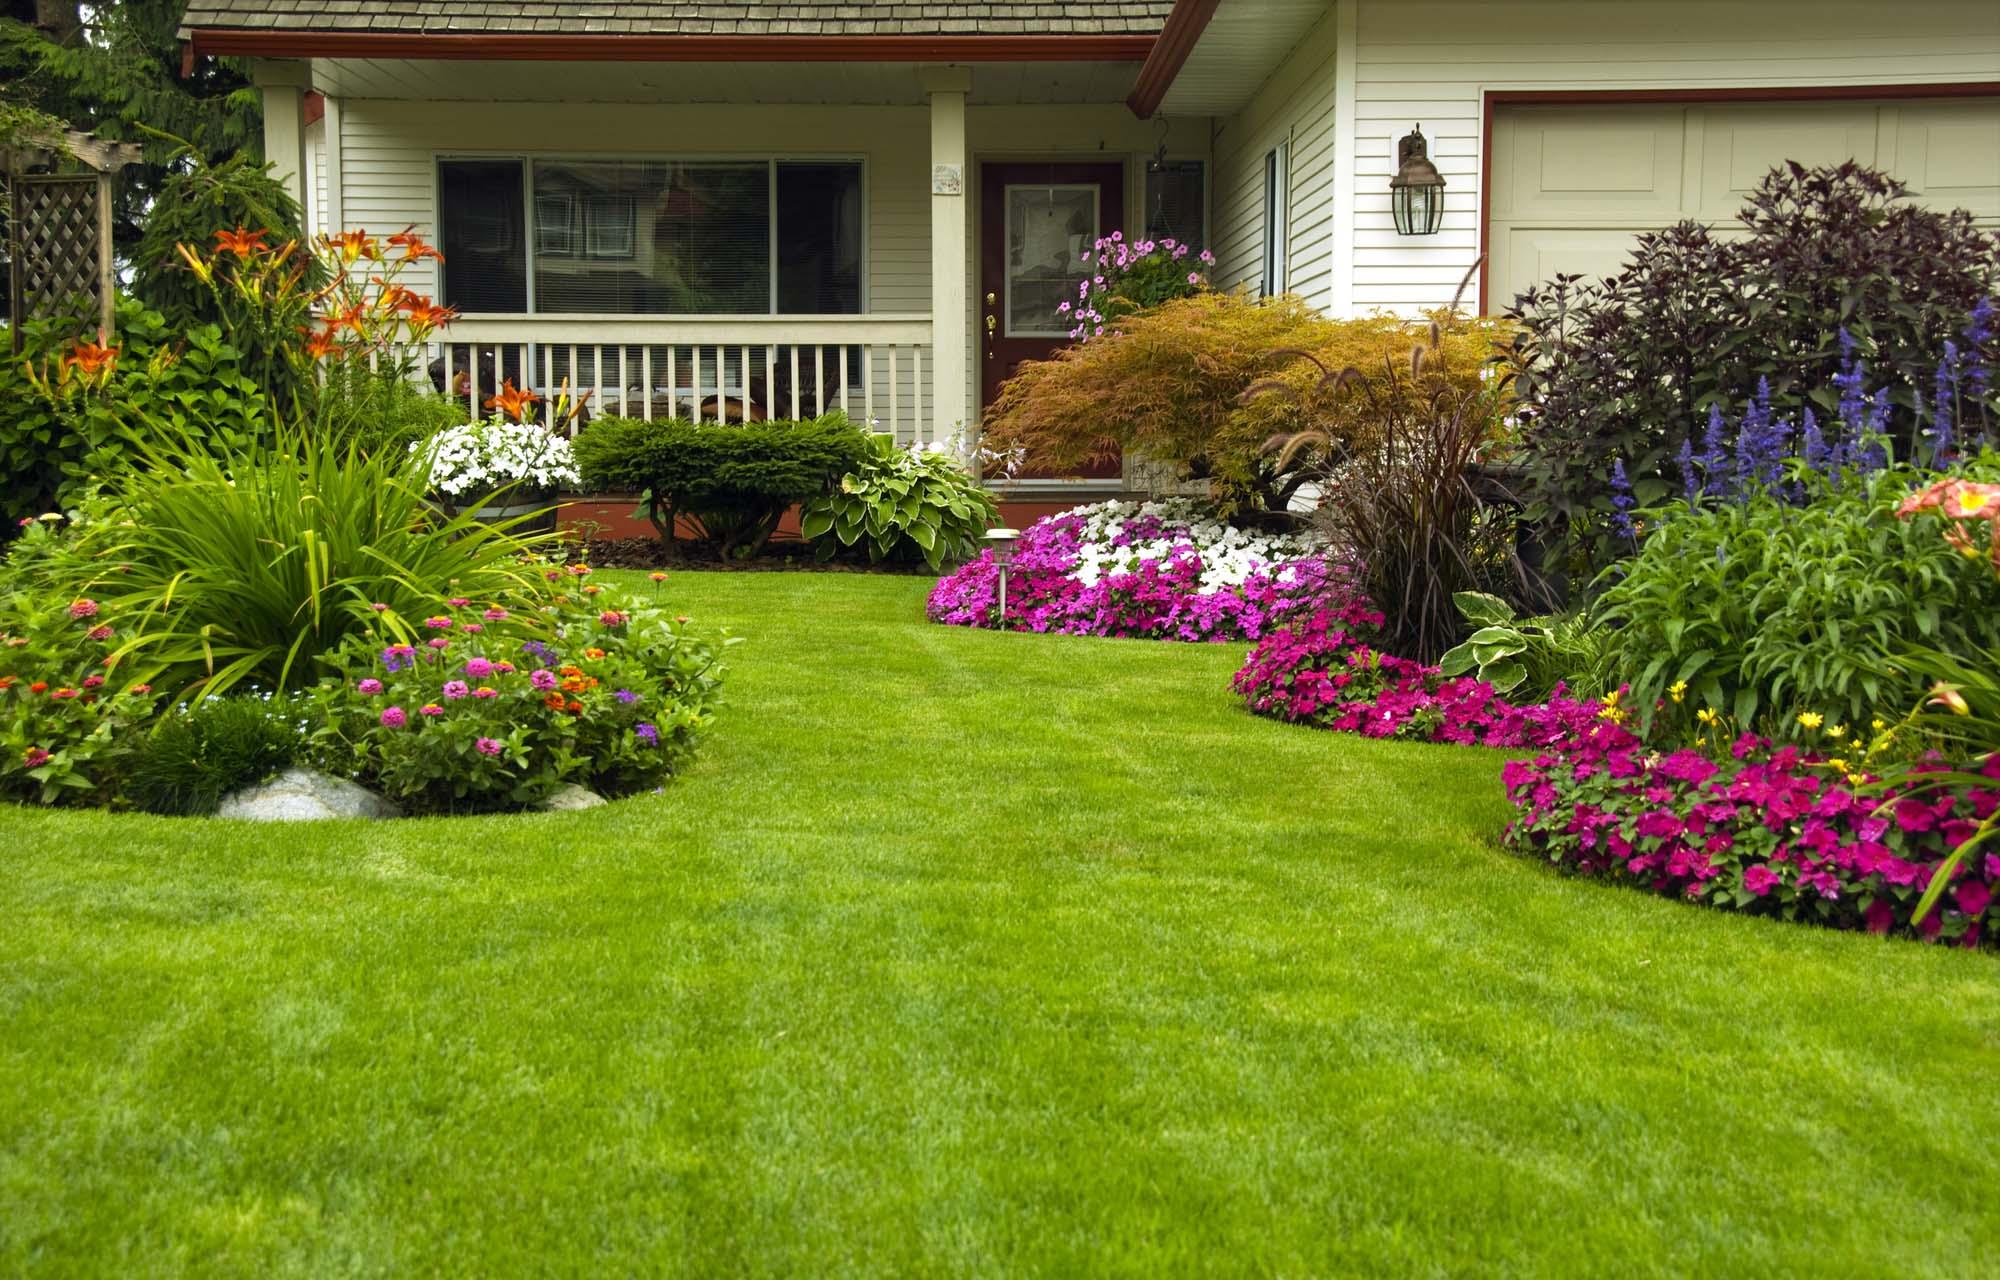 Hovenier den haag voor al uw tuinklussen!